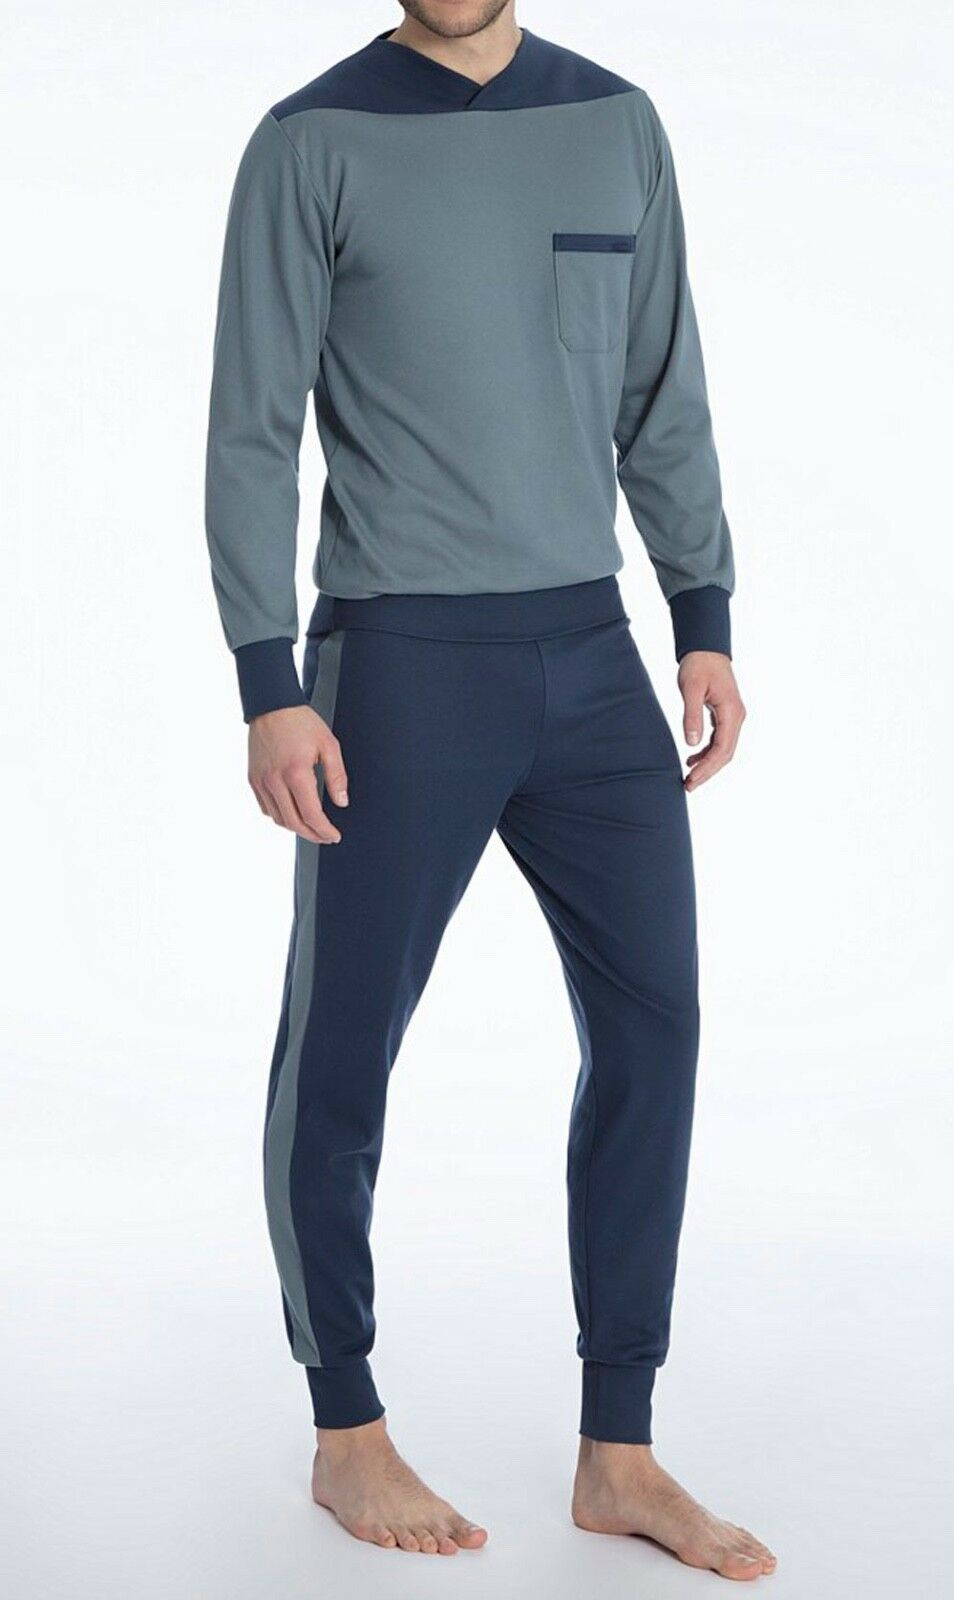 CALIDA Schlafanzug lang XL stormy Grau 45312